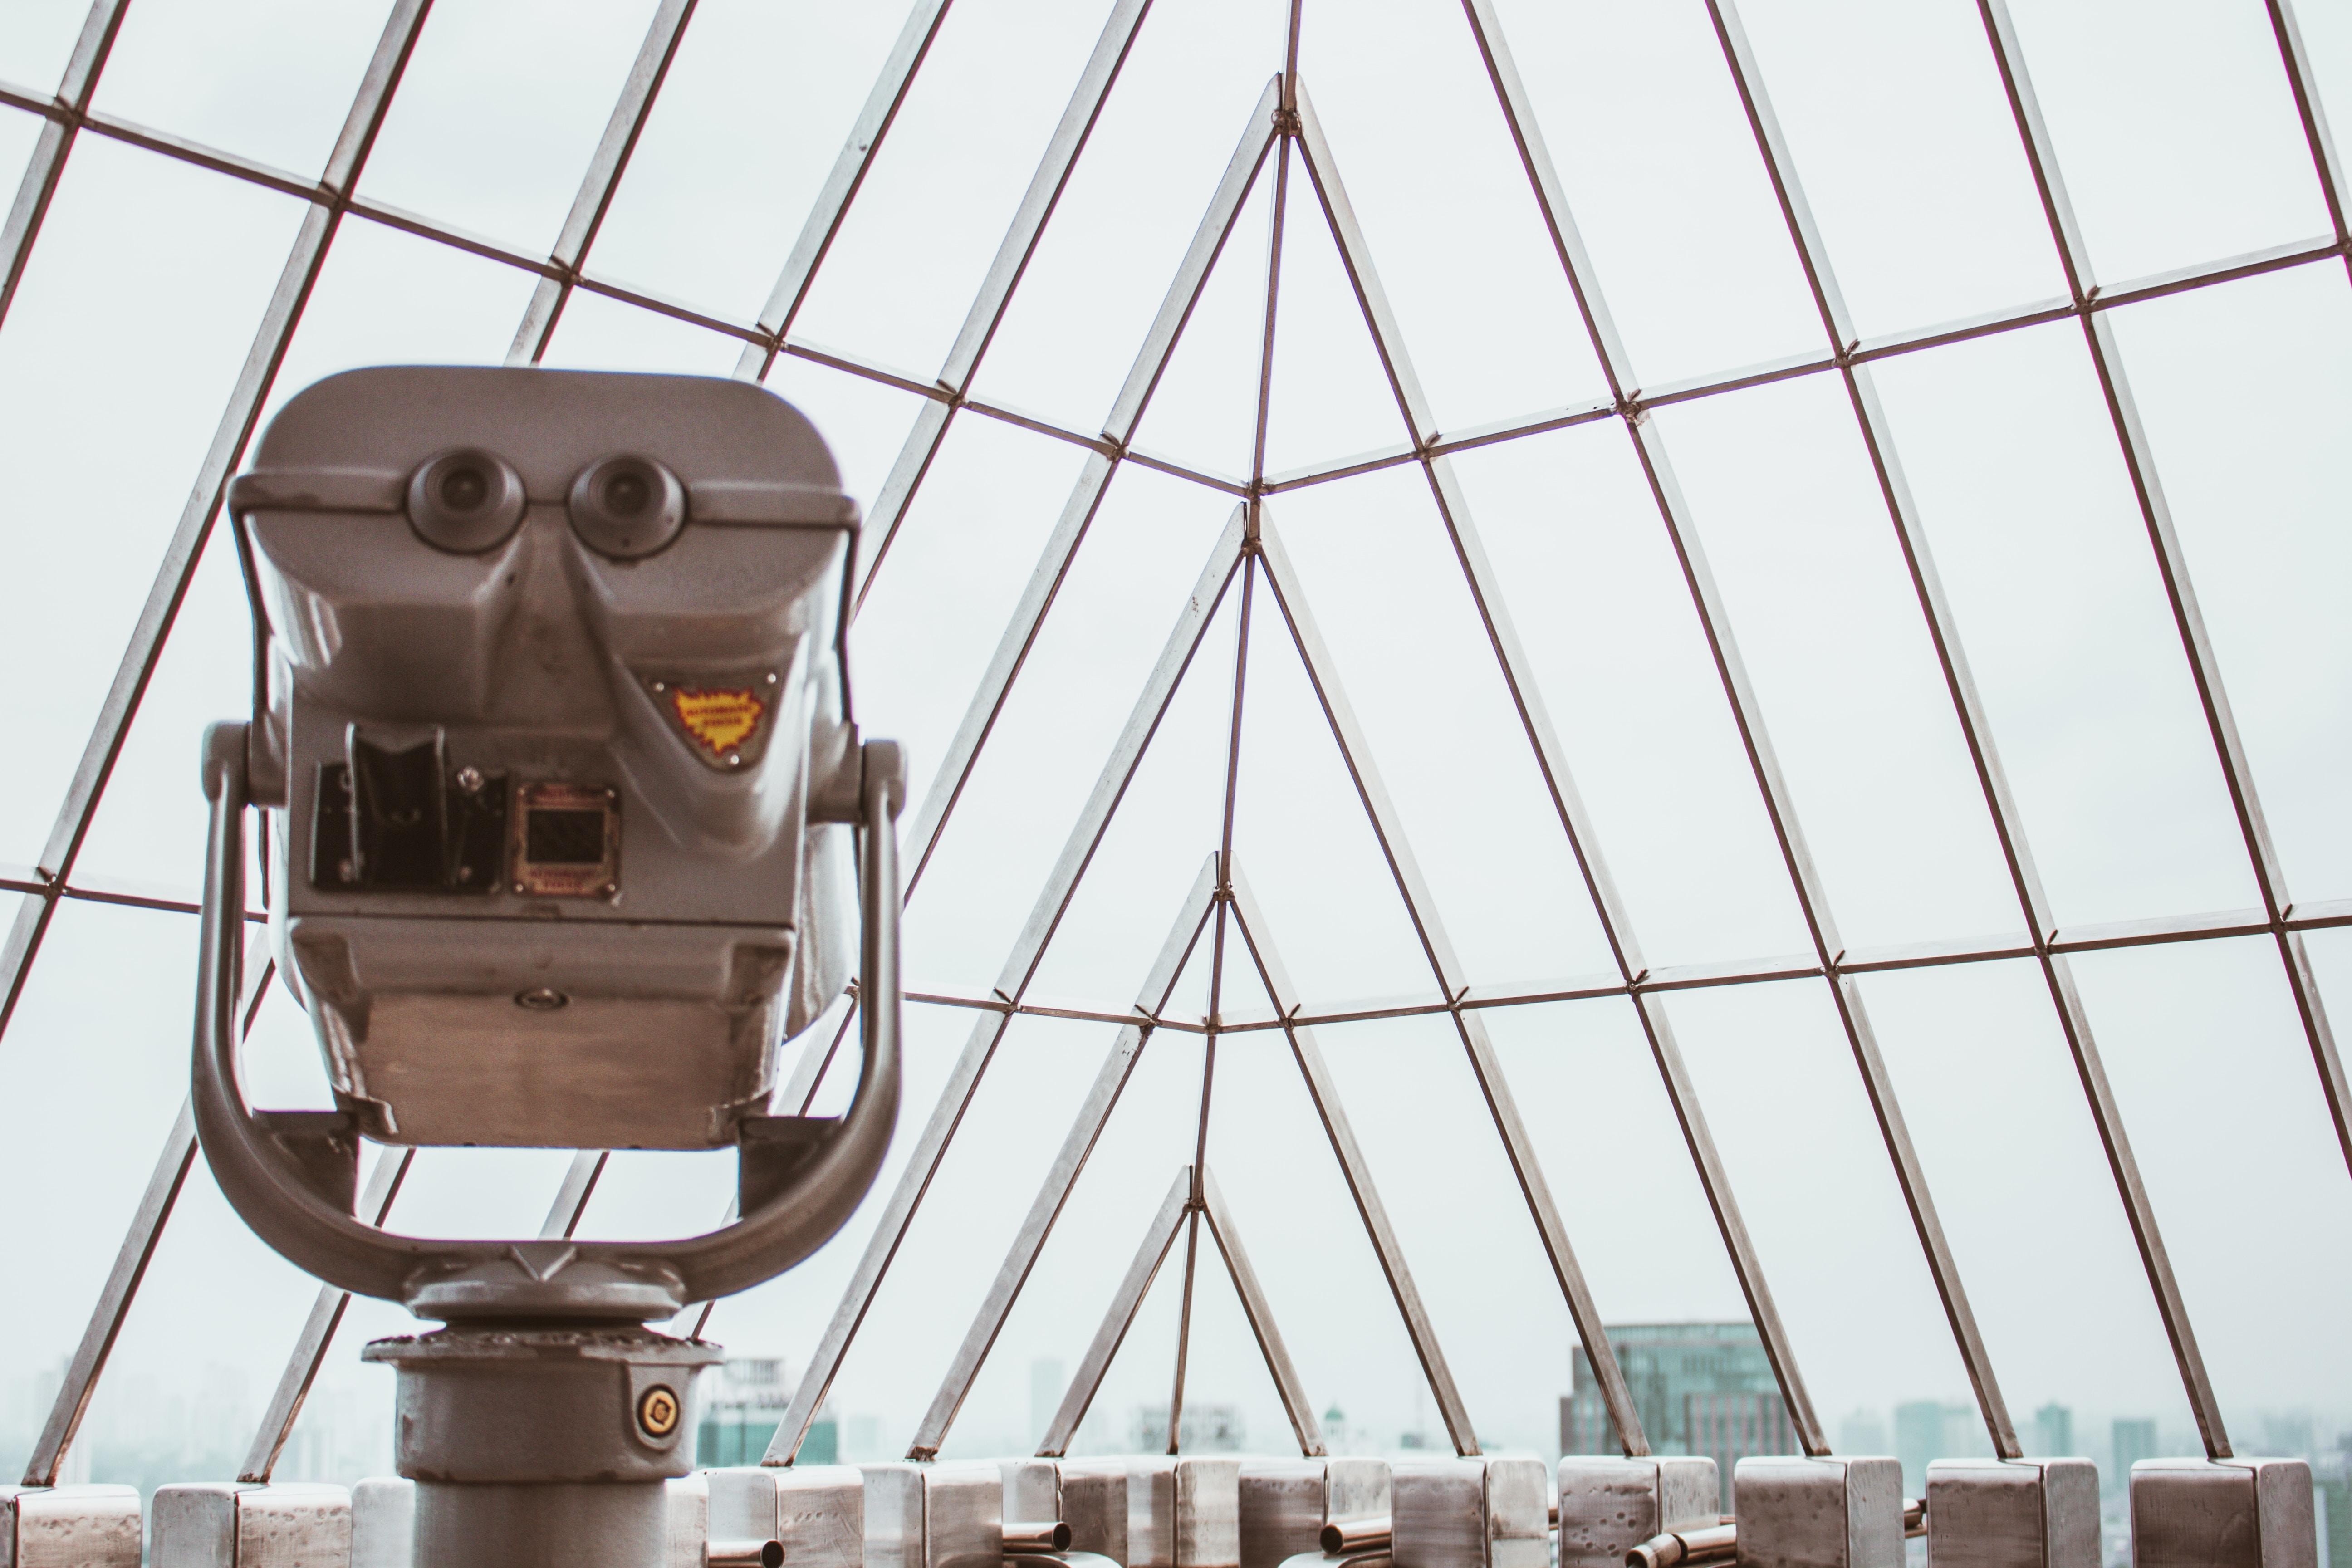 gray binocular viewer near glass curtain wall